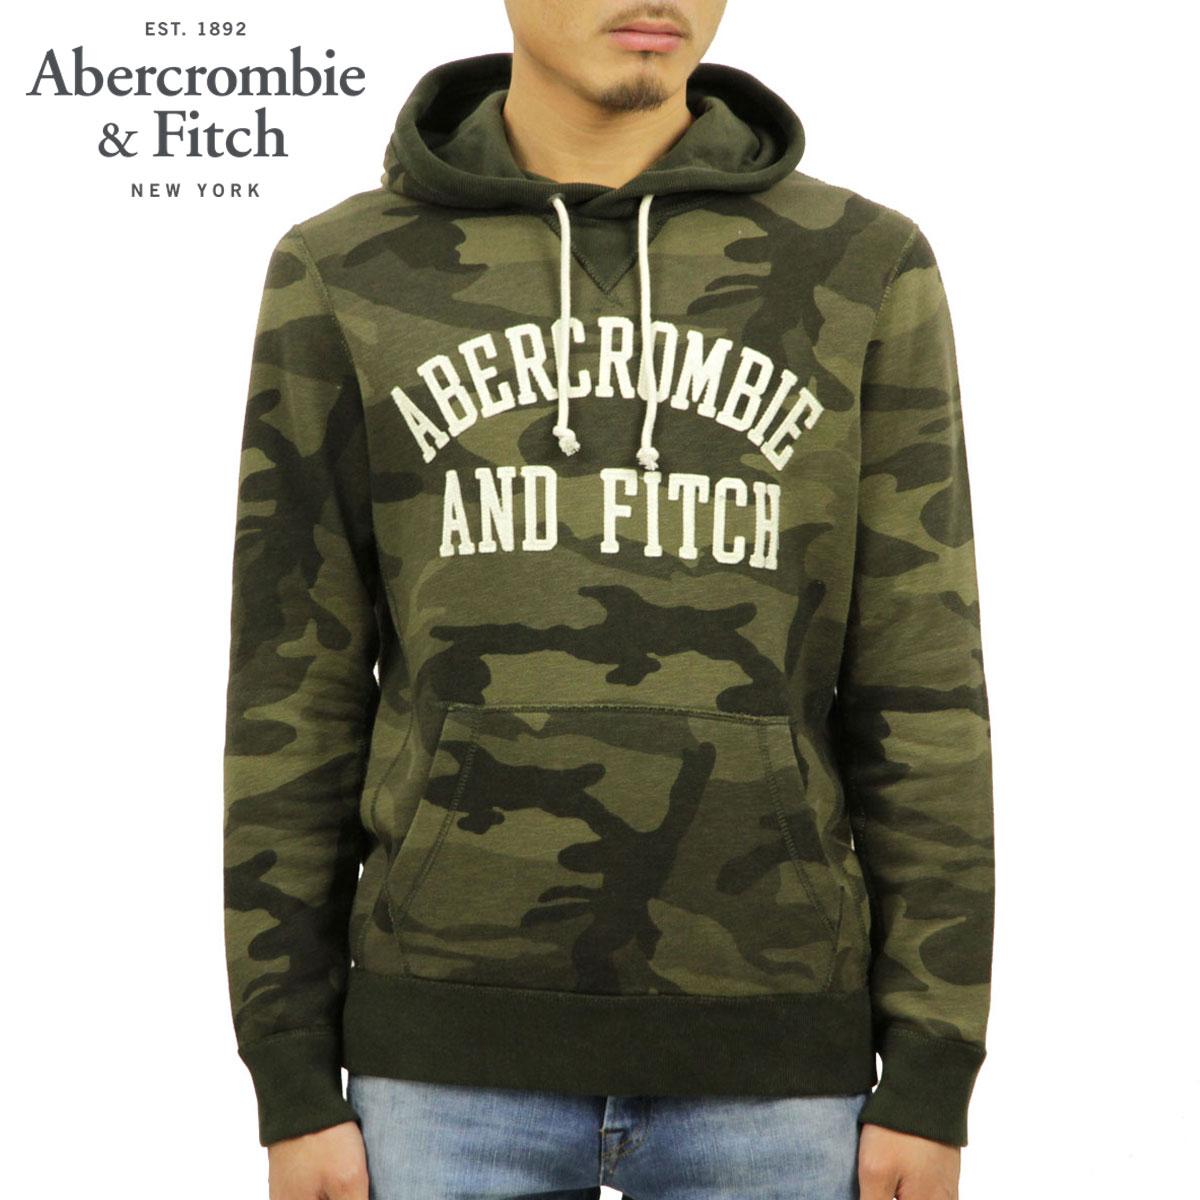 アバクロ Abercrombie&Fitch 正規品 メンズ プルオーバーパーカー APPLIQUE LOGO HOODIE 122-243-0018-336